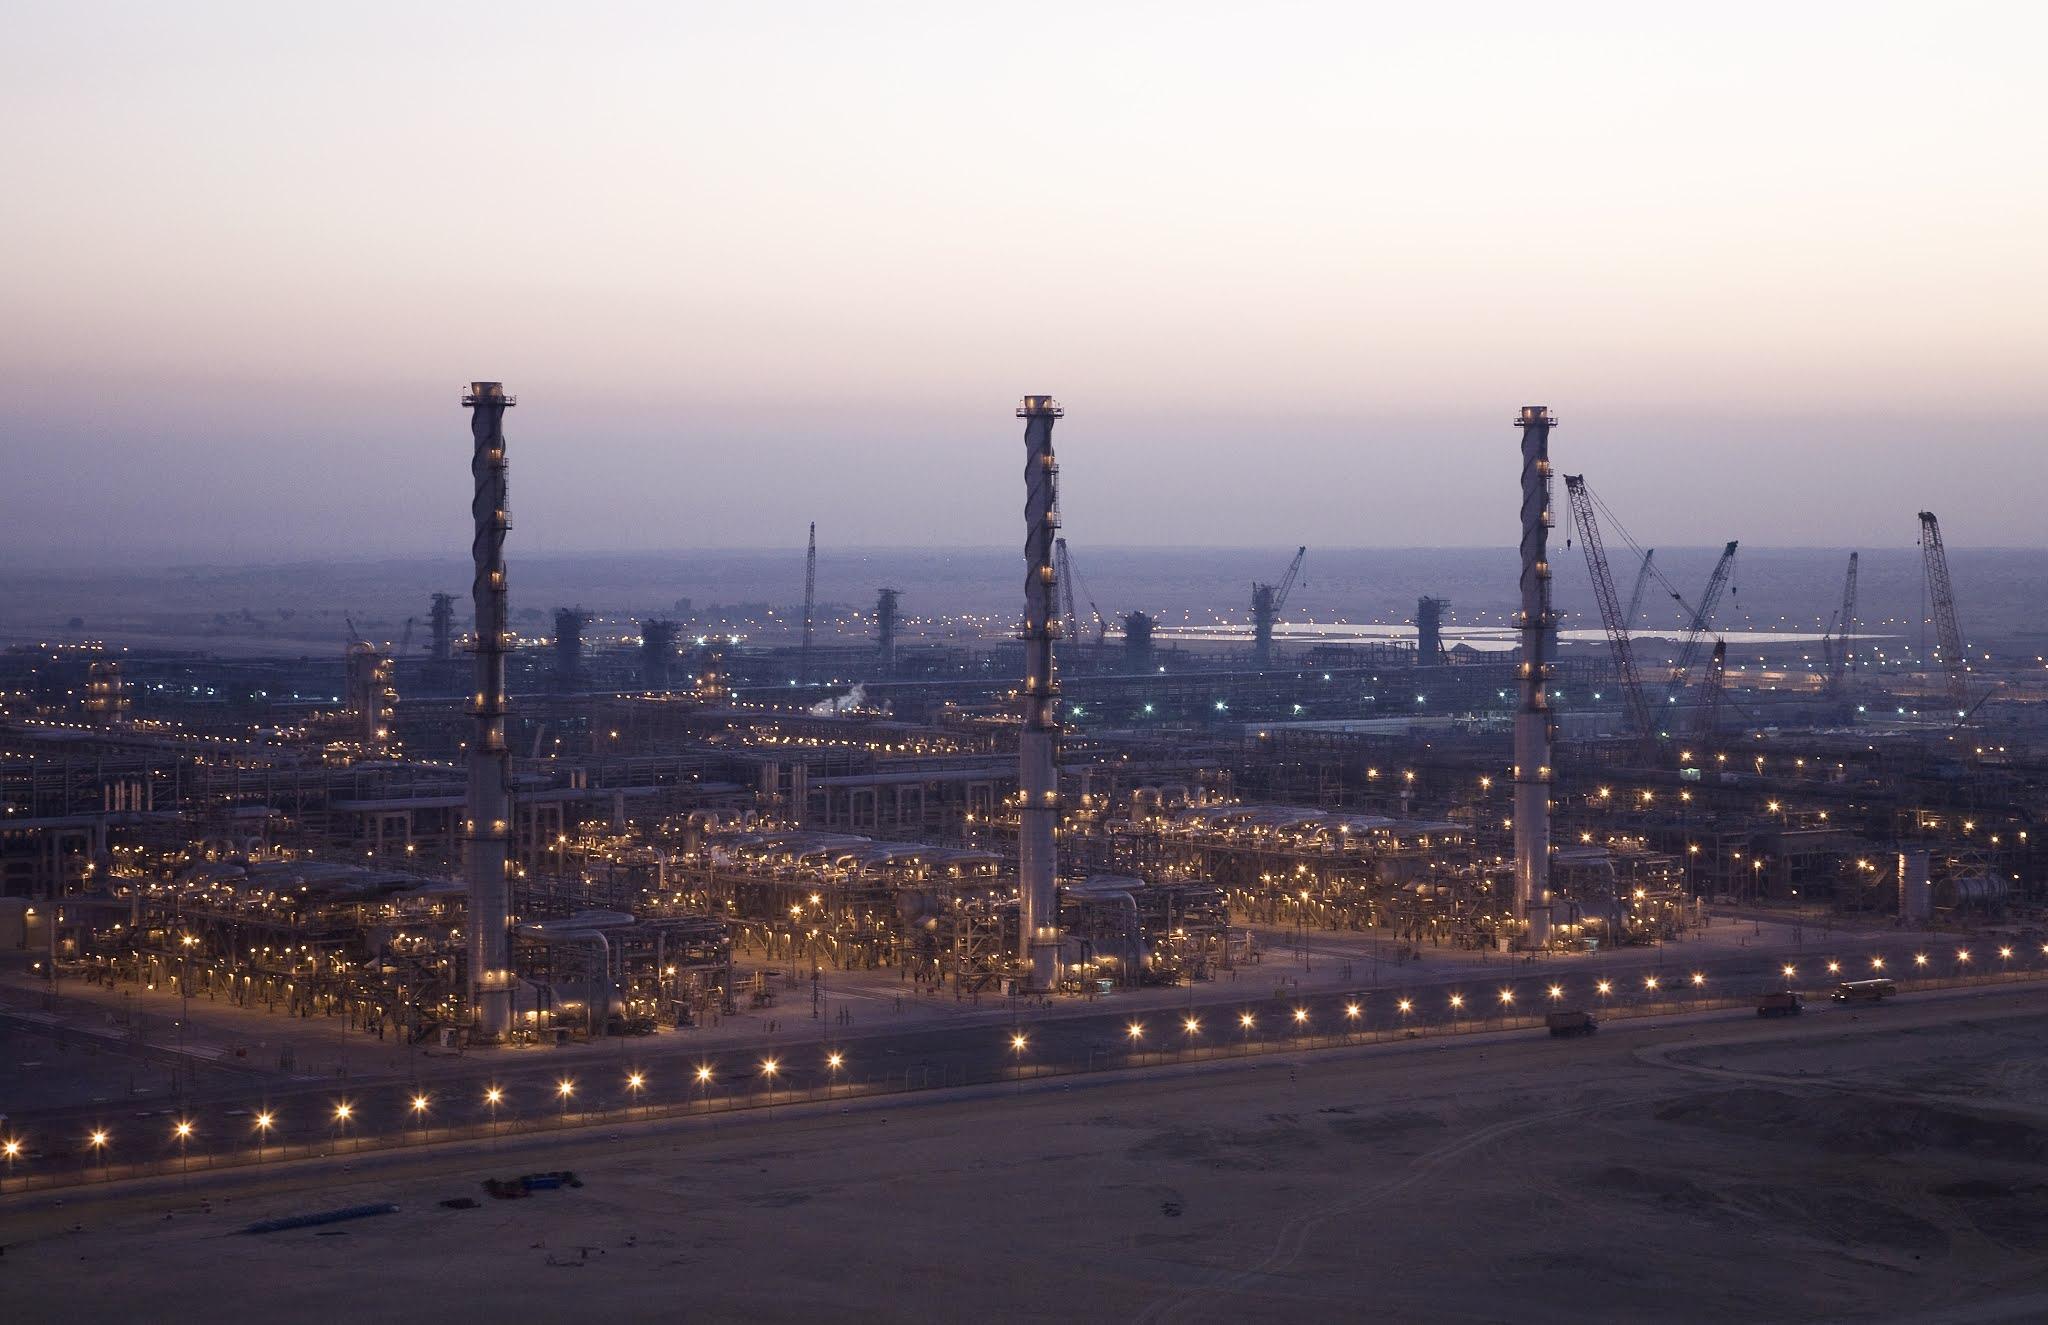 أرامكو Aramco السعودية تشهد نموا في صافي الأرباح بسبب ارتفاع أسعار النفط وانتعاش الطلب